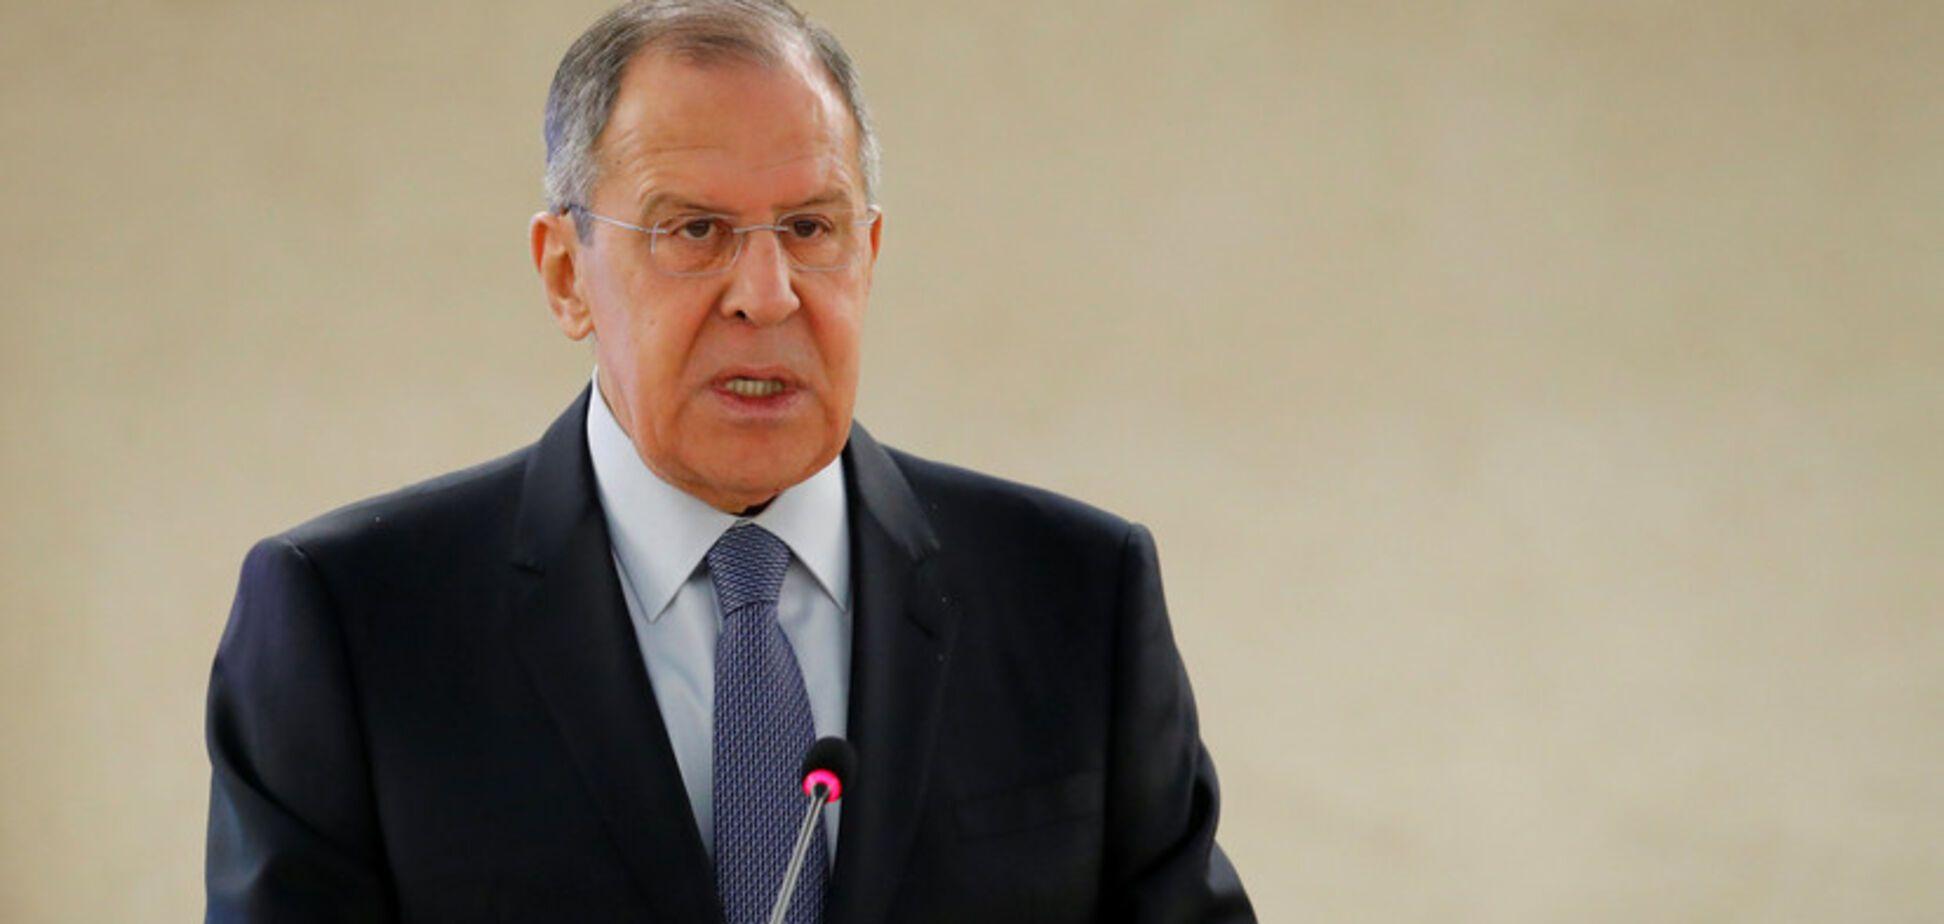 Розкриті подробиці секретних переговорів між США і Росією